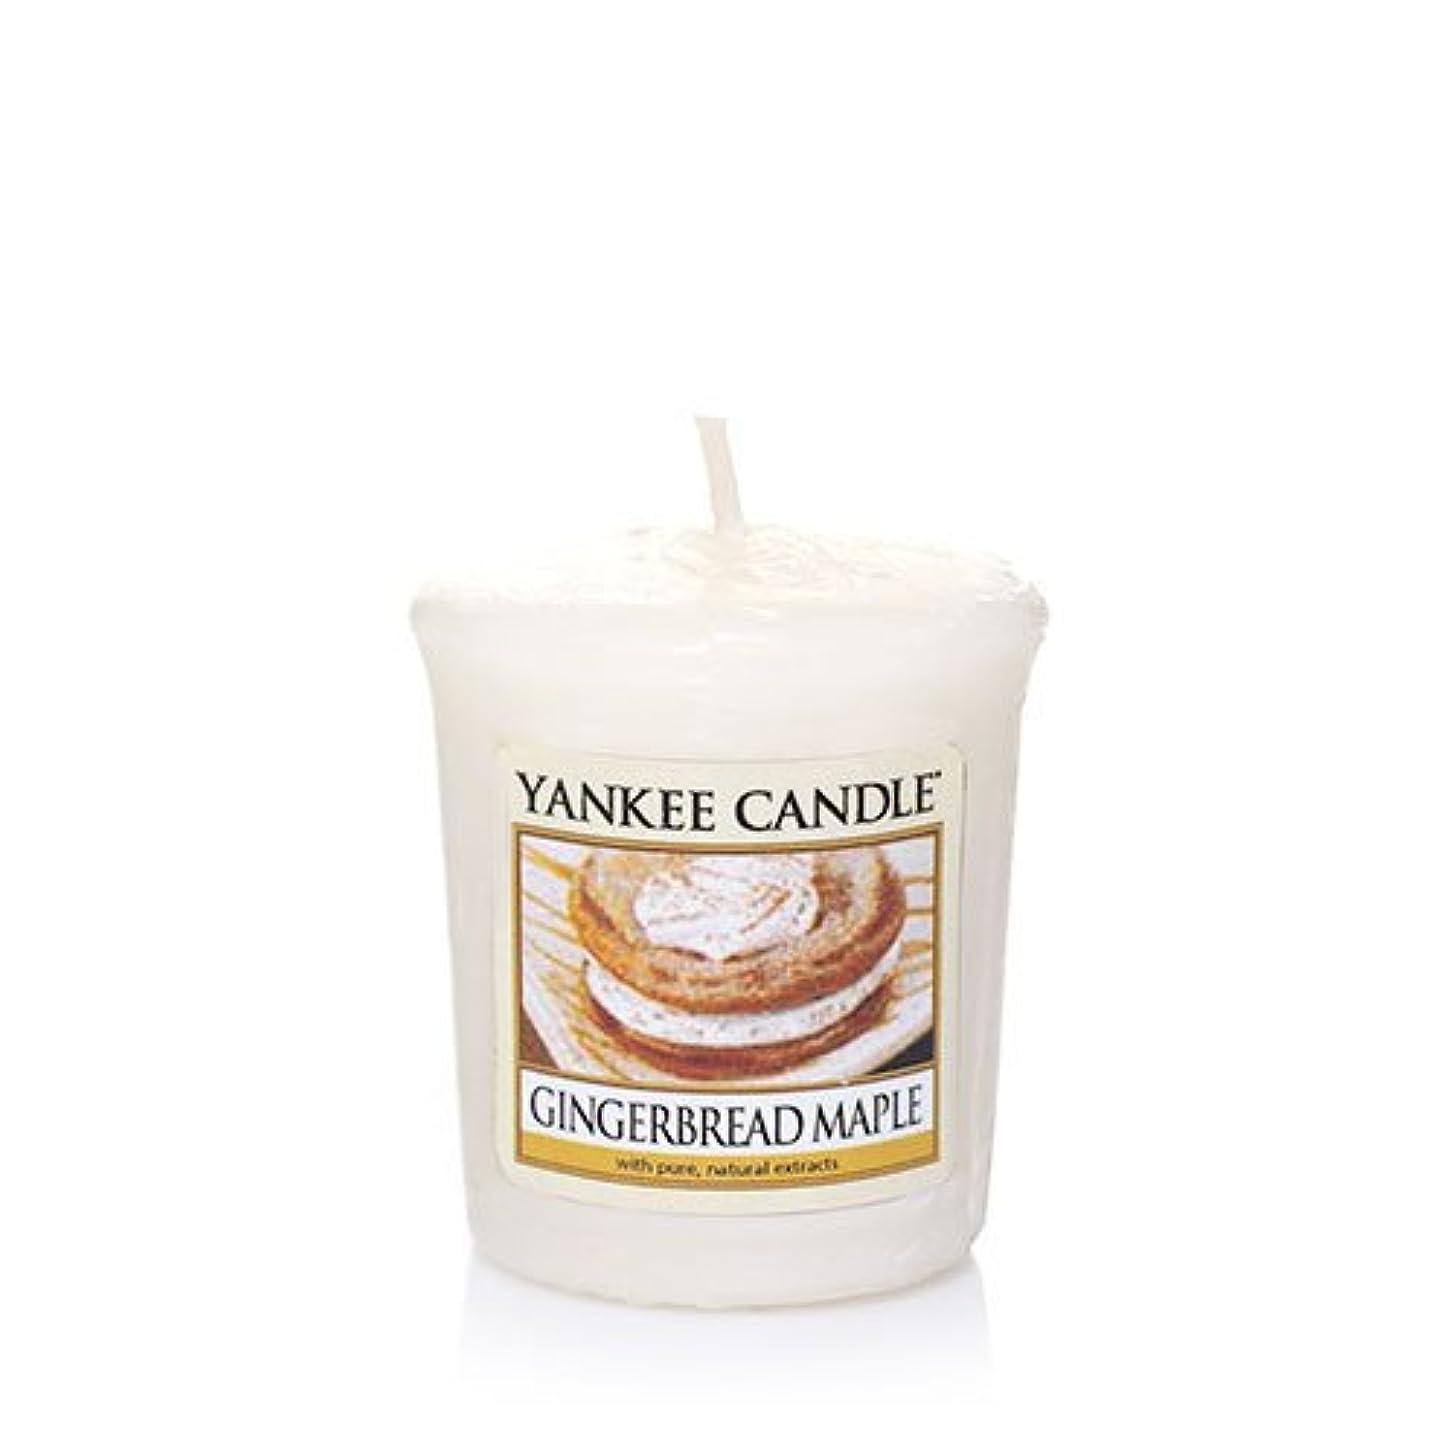 外交官ディーラー繊維Yankee Candle Gingerbread Maple Samplers Votive Candle、Festive香り